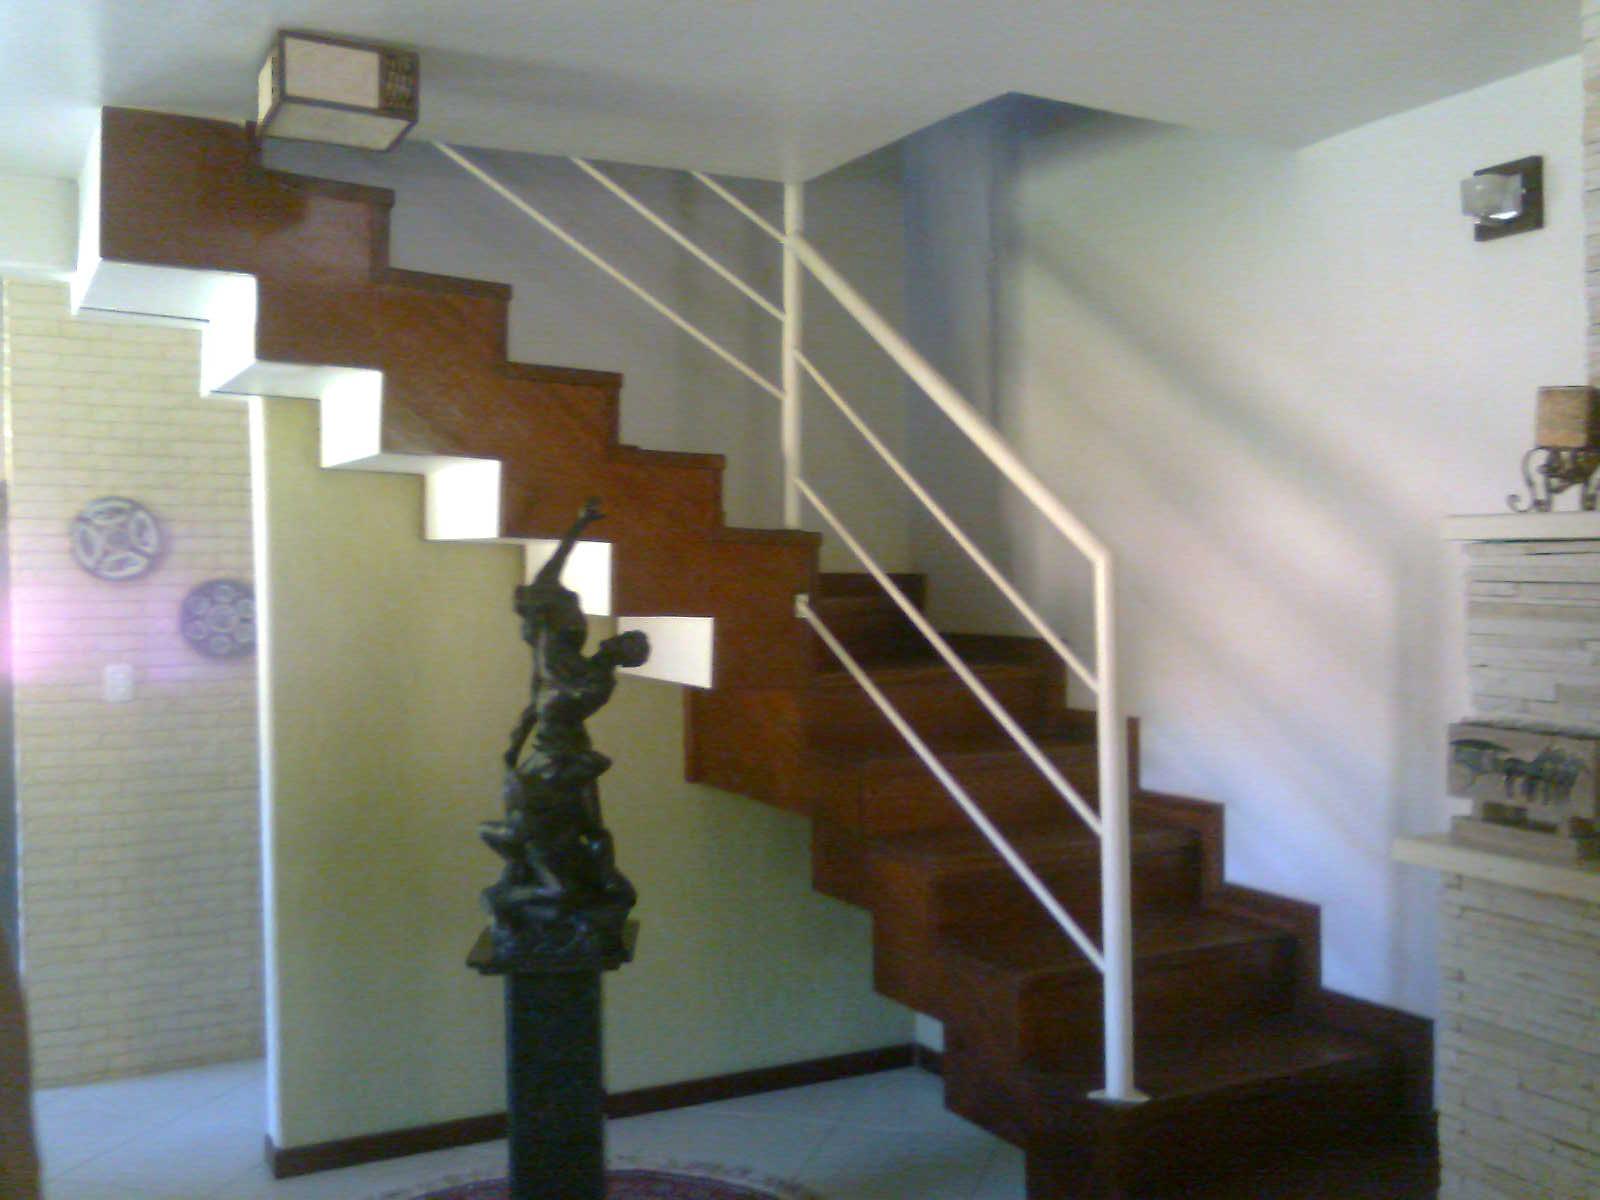 ROBERTO MEIRELES PROJETOS E CONSTRUÇÕES: Escada #5F4329 1600x1200